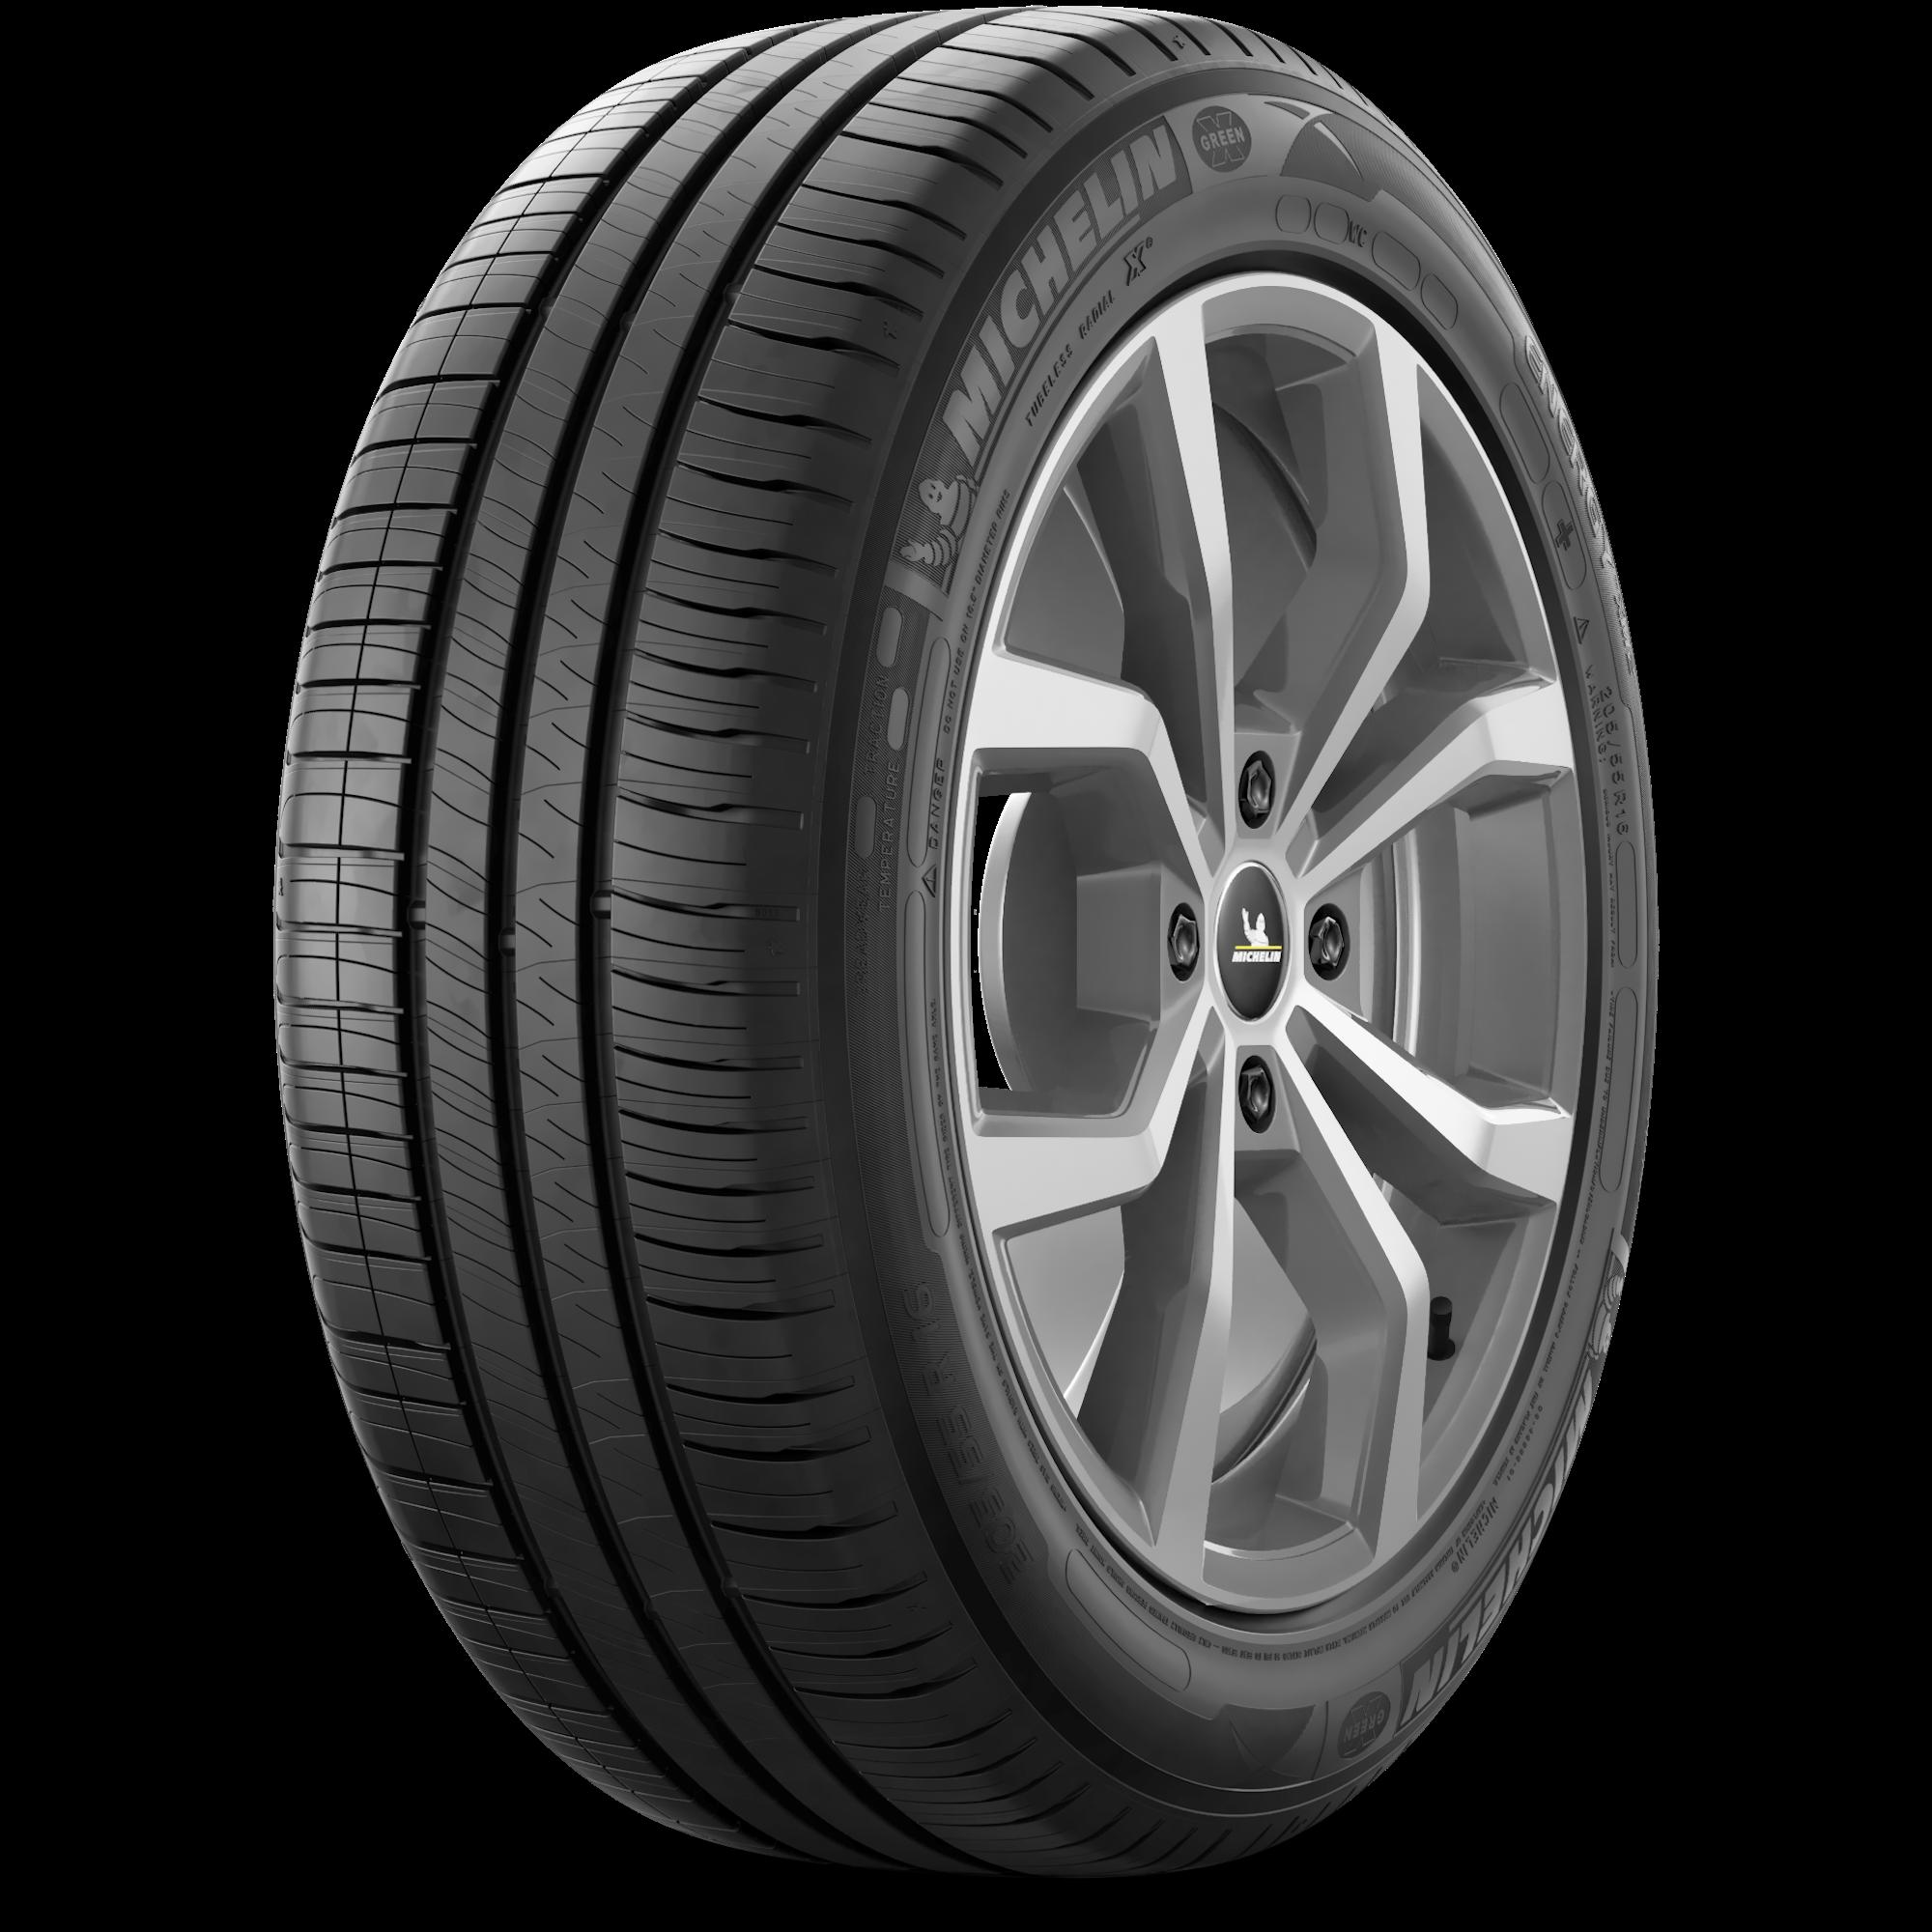 Шины Michelin ENERGY XM2+ 175/70R13 82 T